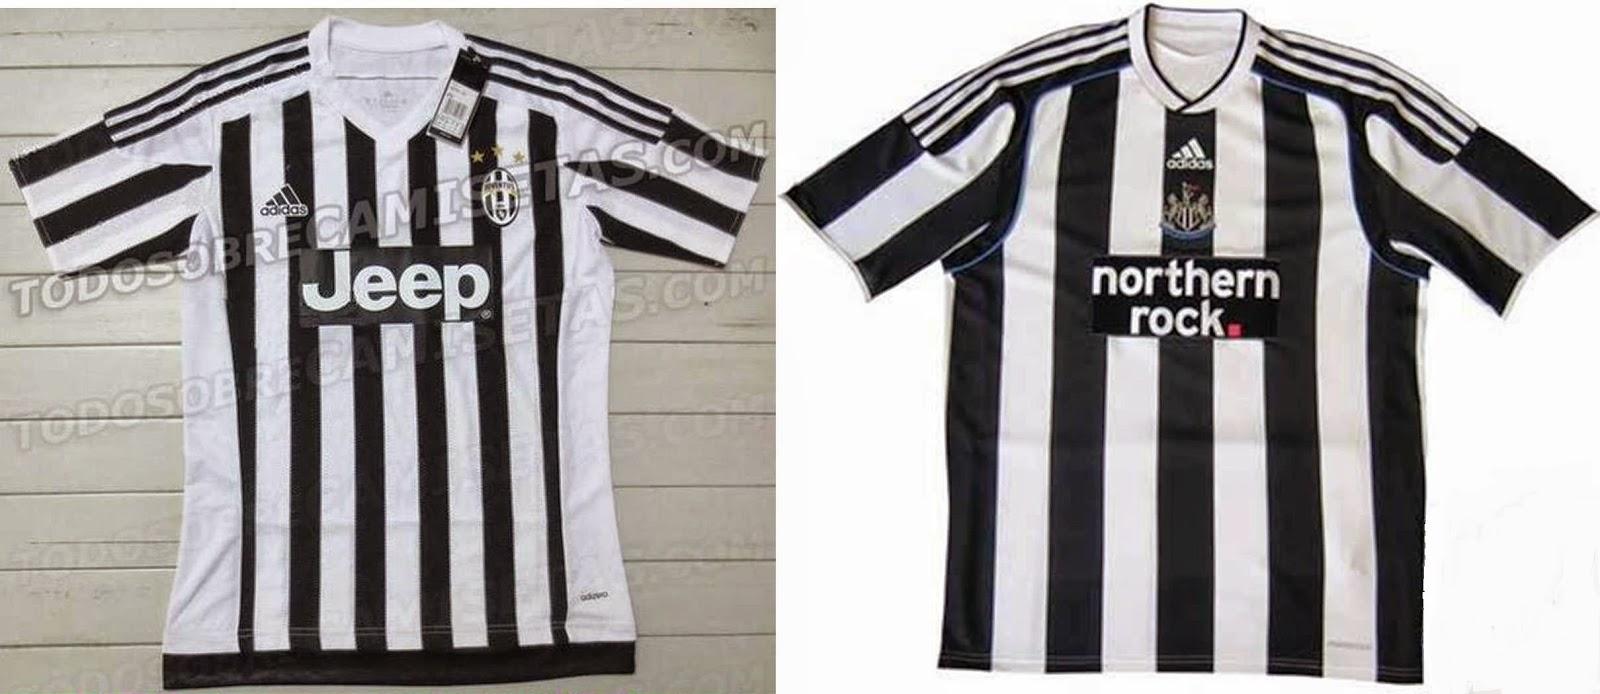 adidas diseña la camiseta de la Juventus igual a una vieja del Newcastle